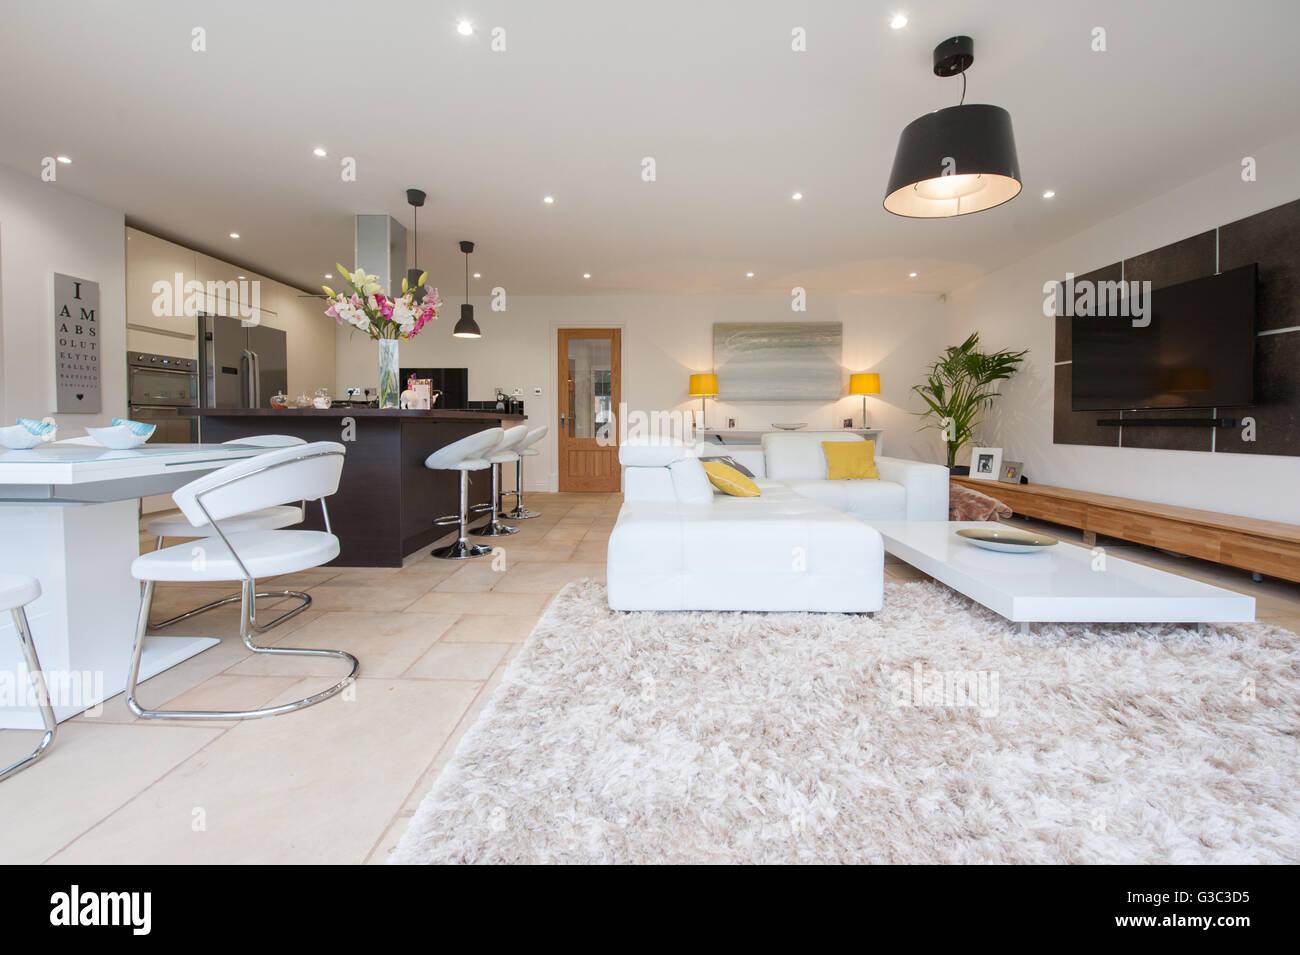 Moderne Küche Innenraum Stockbild